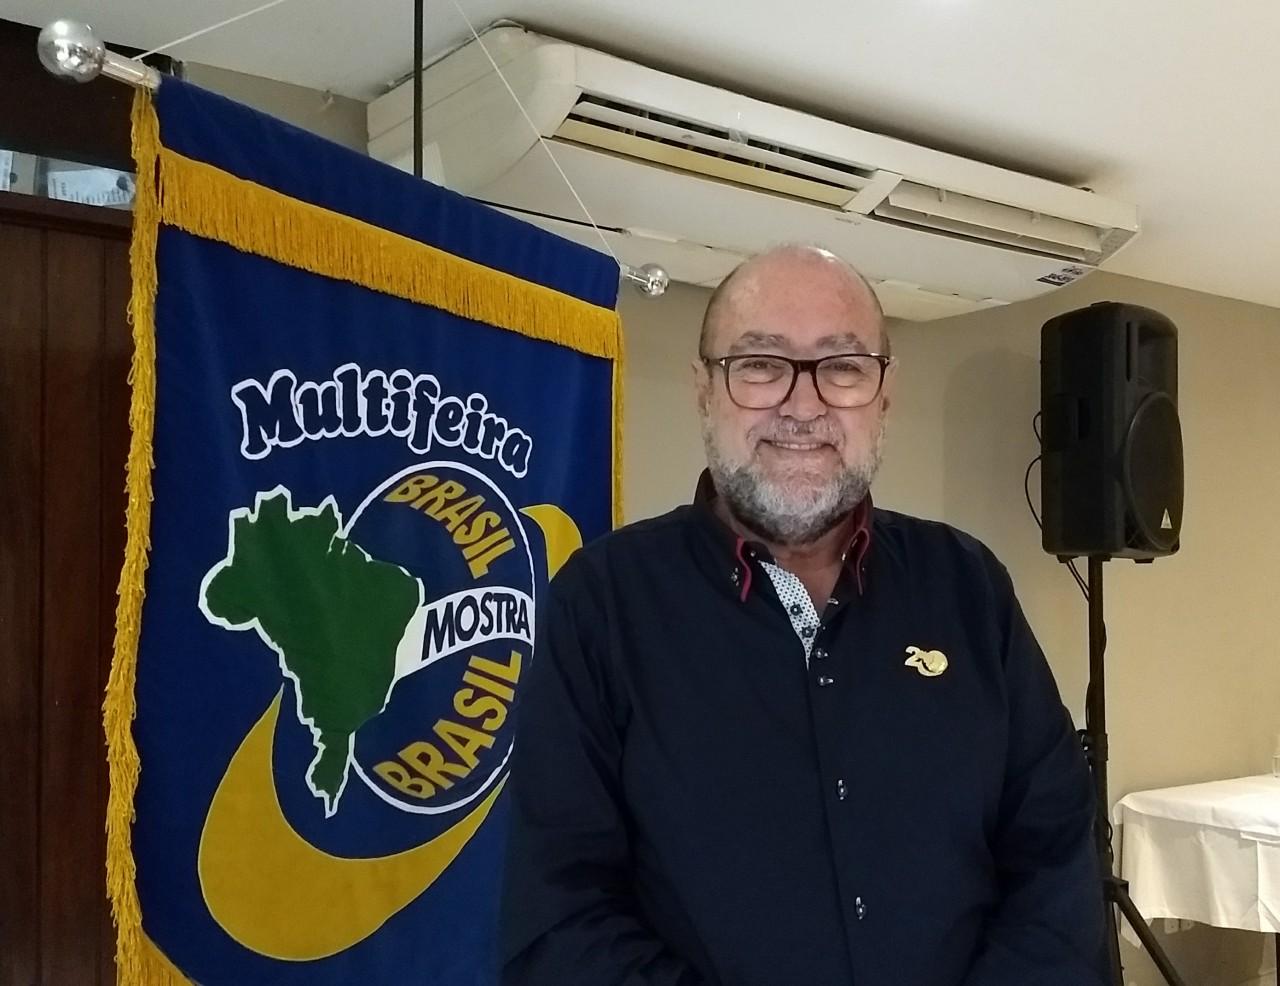 IMG 20180613 133314019 - BRASIL MOSTRA BRASIL: com 24 anos de história, multifeira promete surpresas em 2018 -VEJA VÍDEO